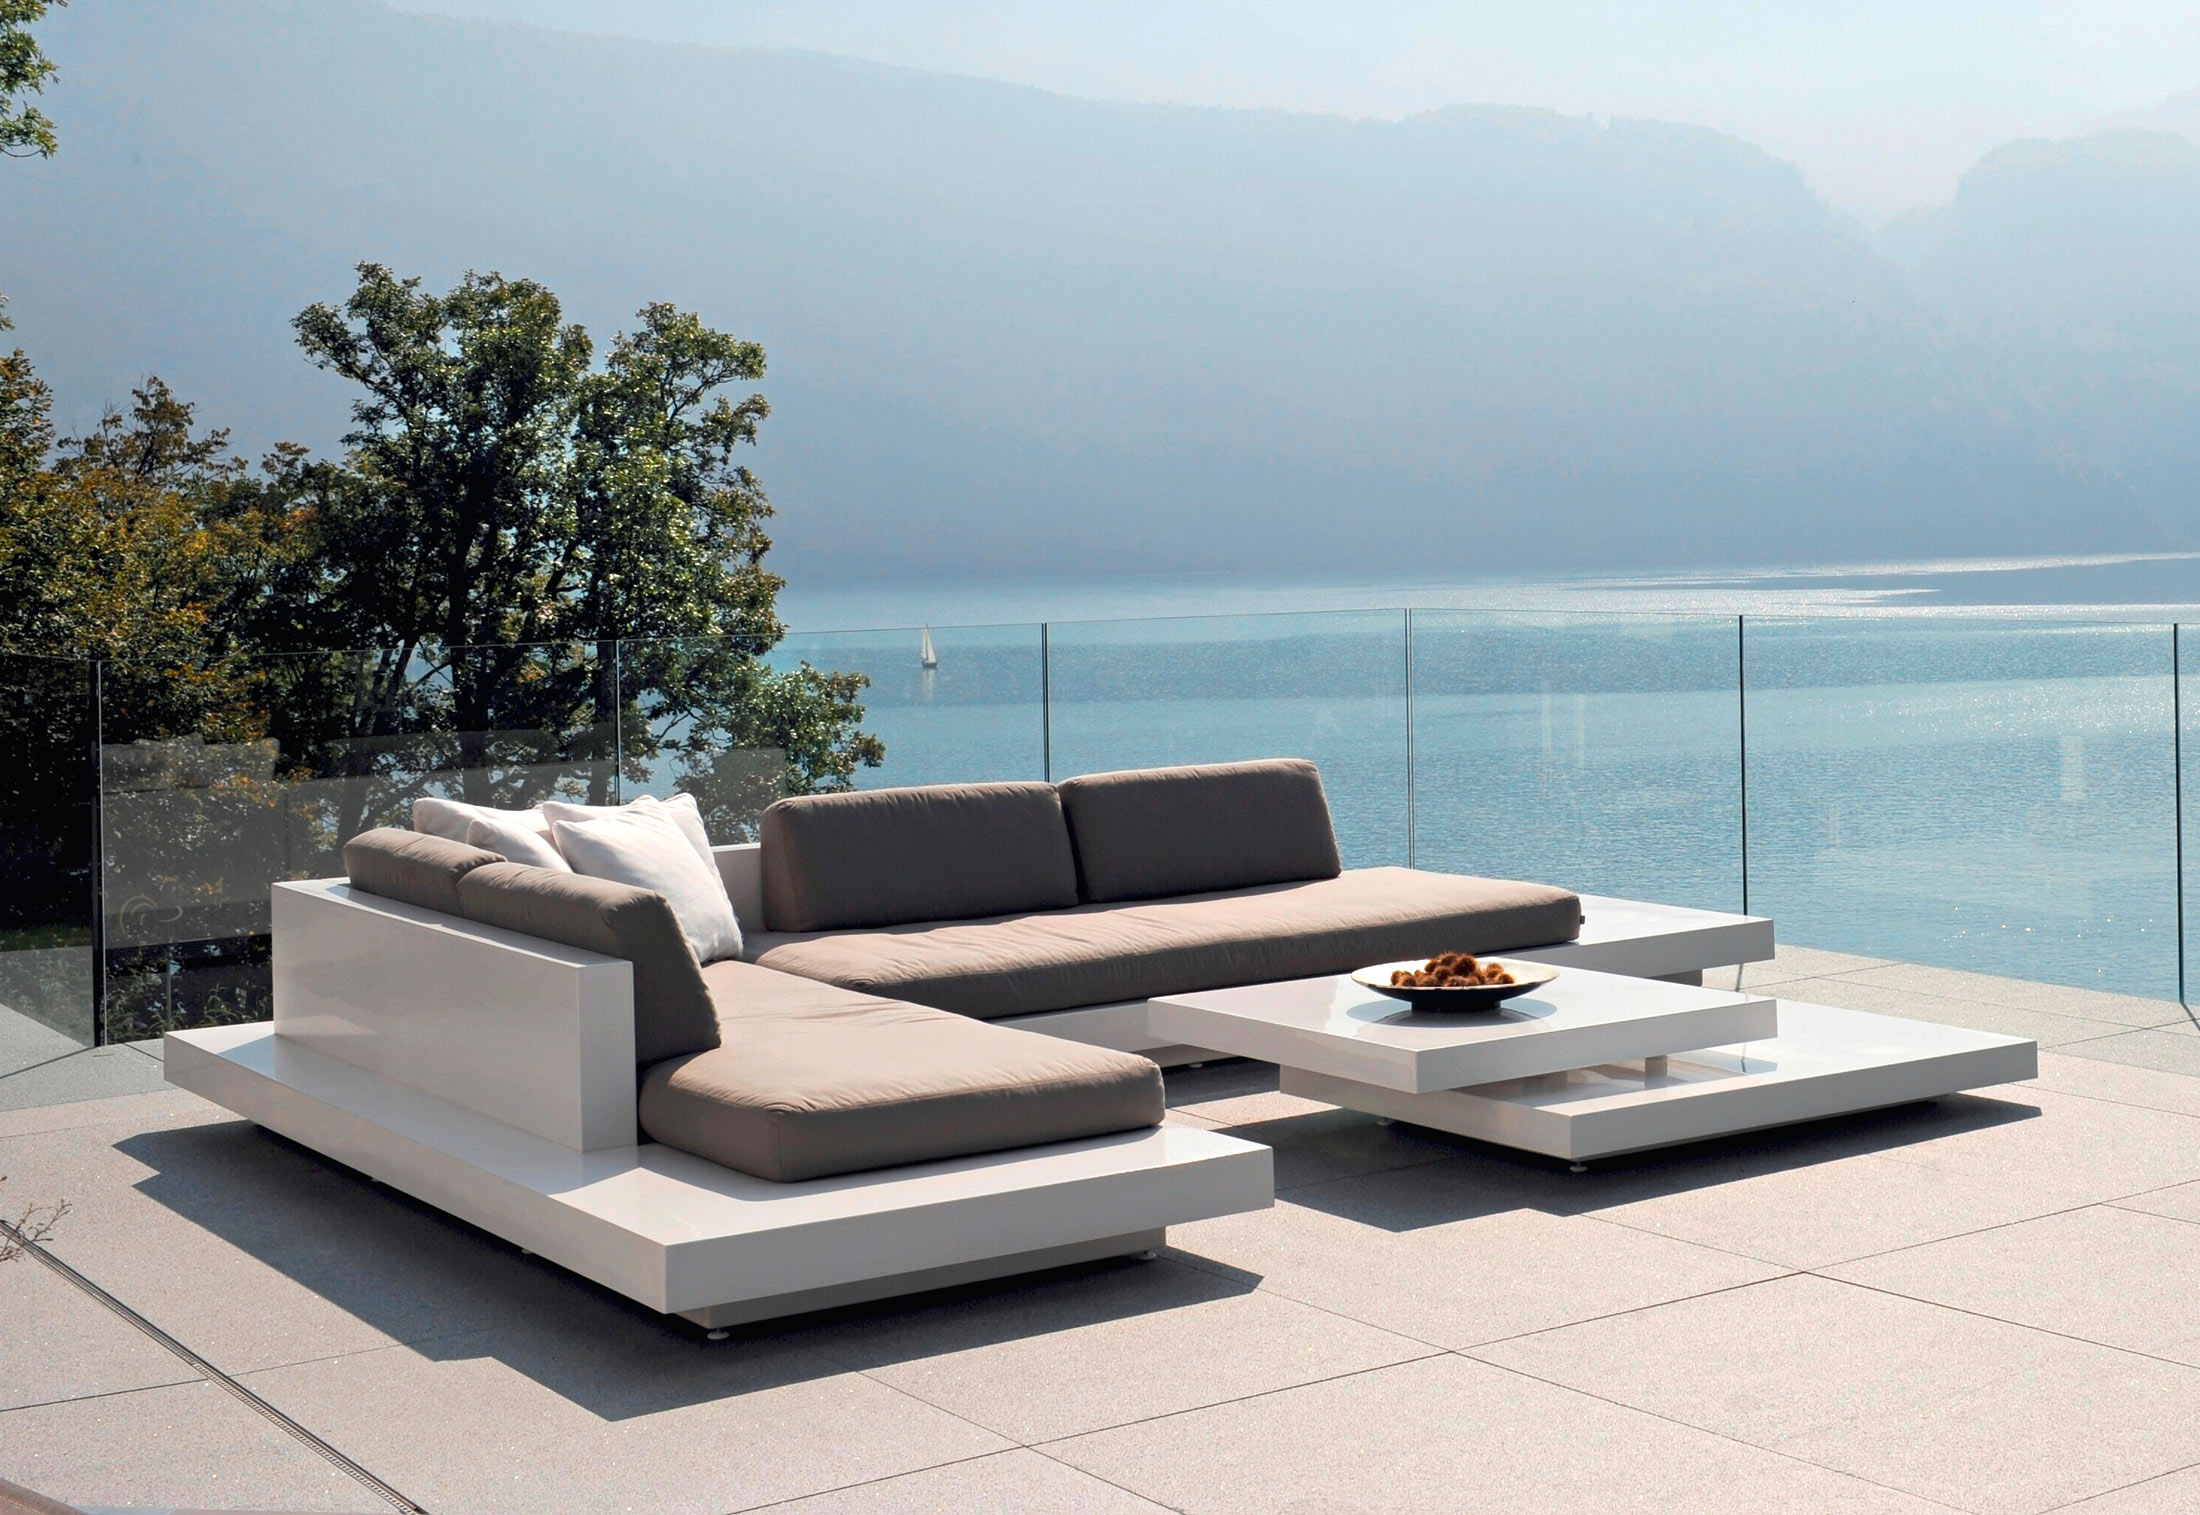 Rausch sofa modular exterior